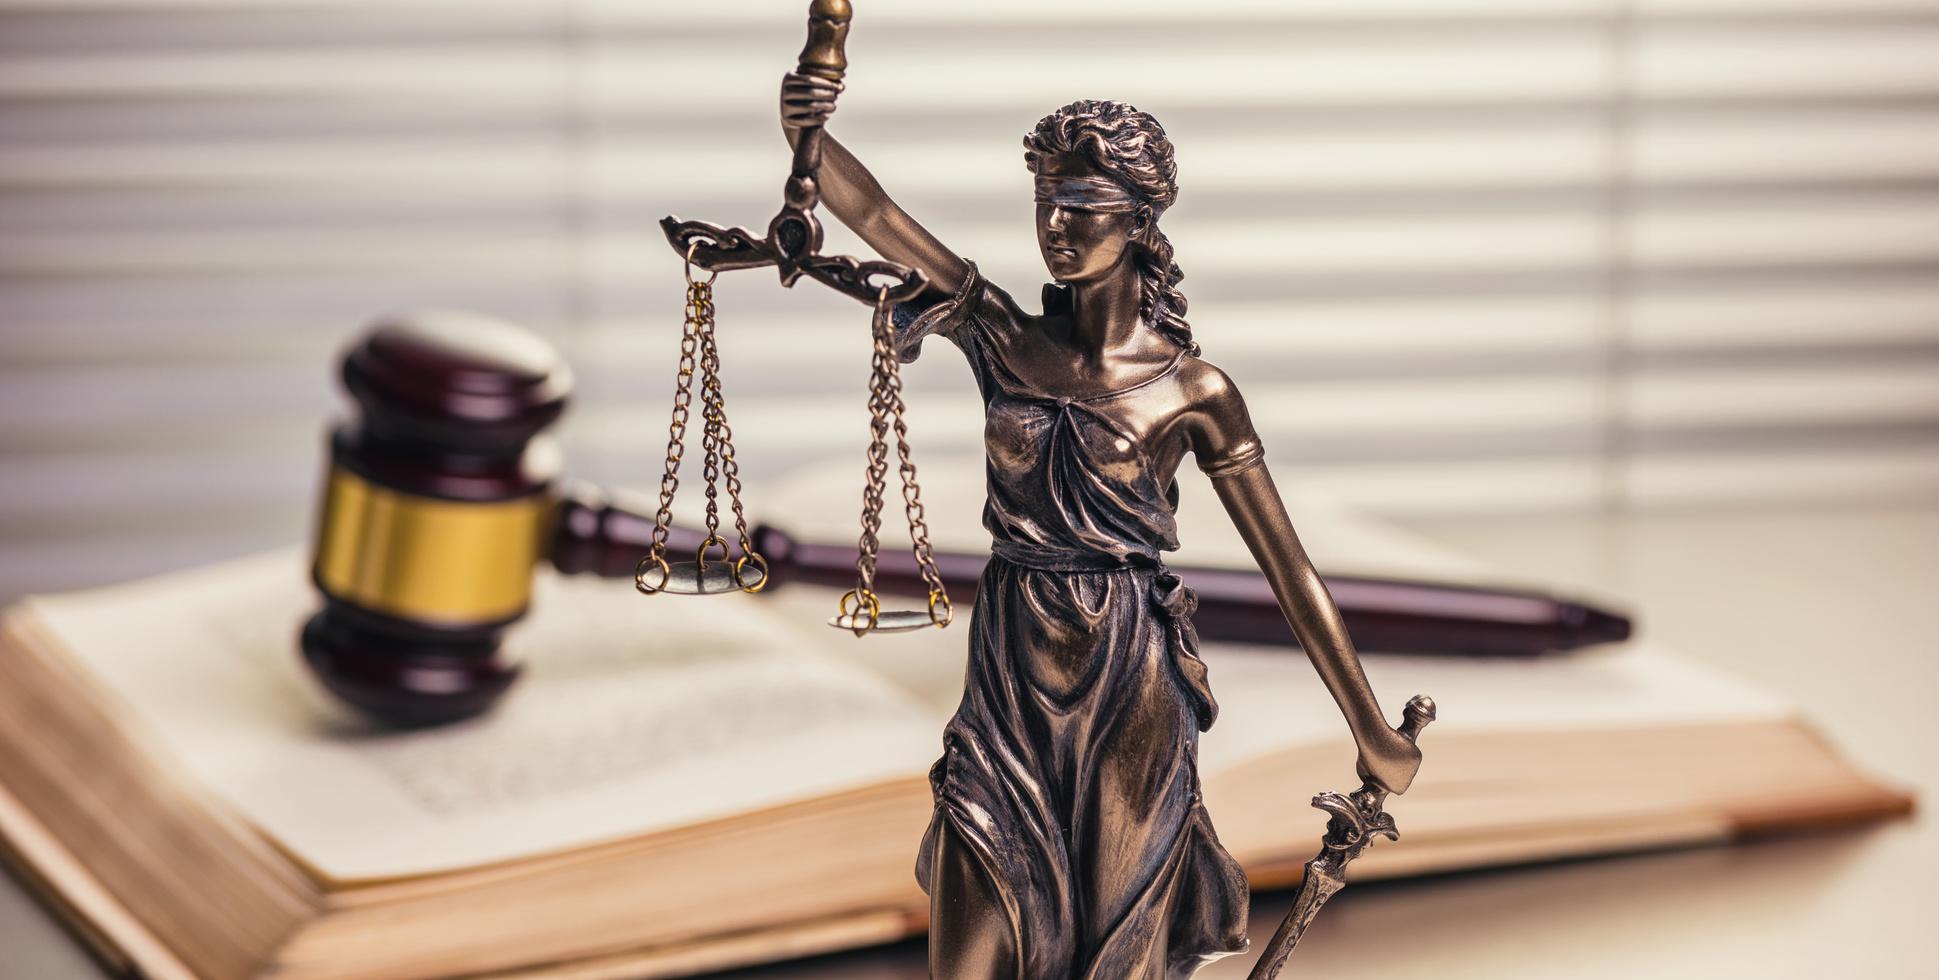 Justitia mit Ihrer Waagschale